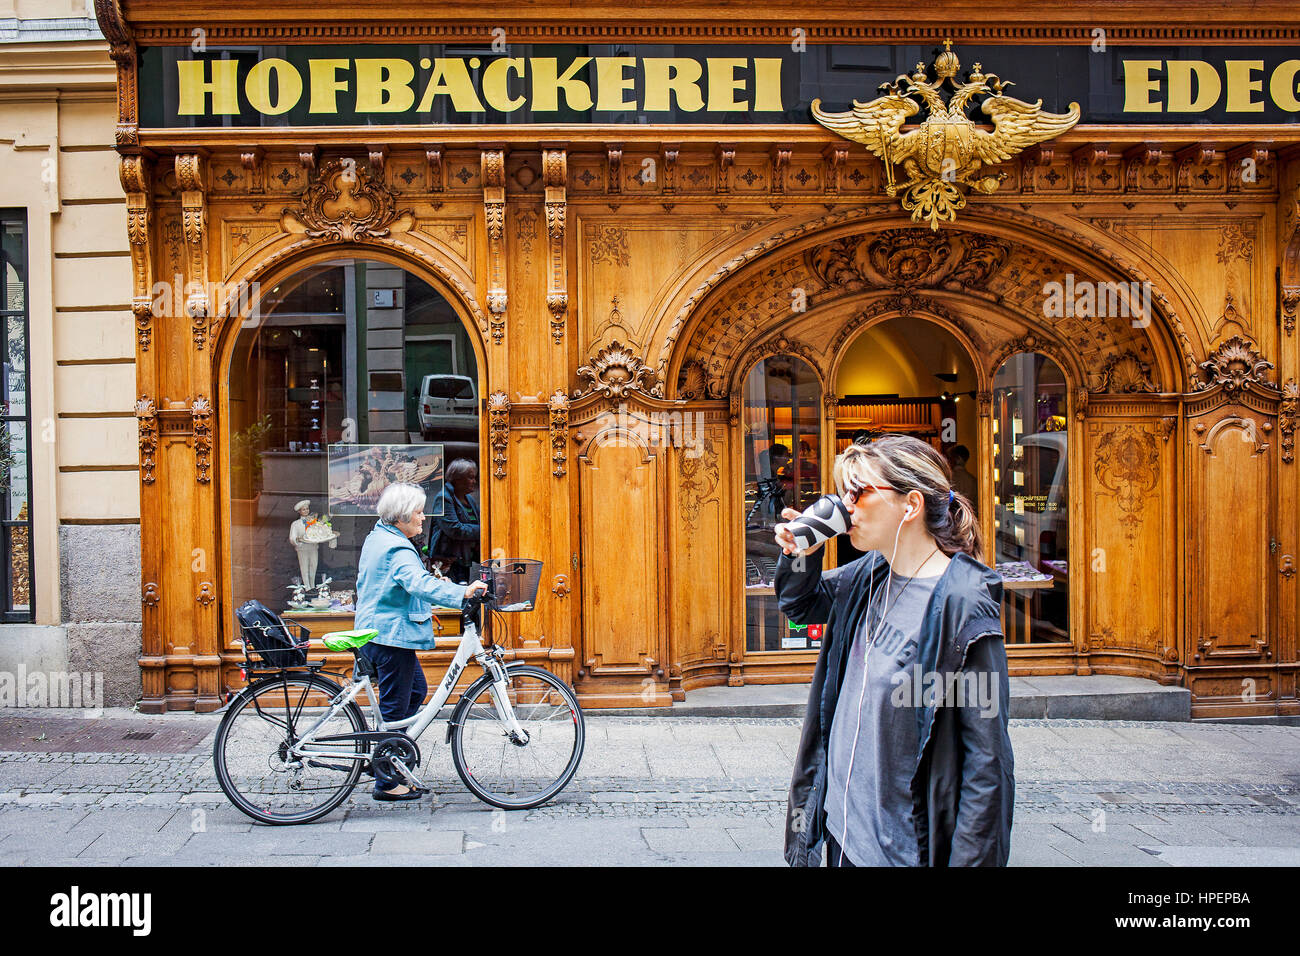 Hofbaeckerei Edegger-Tax in Hofgasse, court bakery, Graz, Austria, Europe Stock Photo